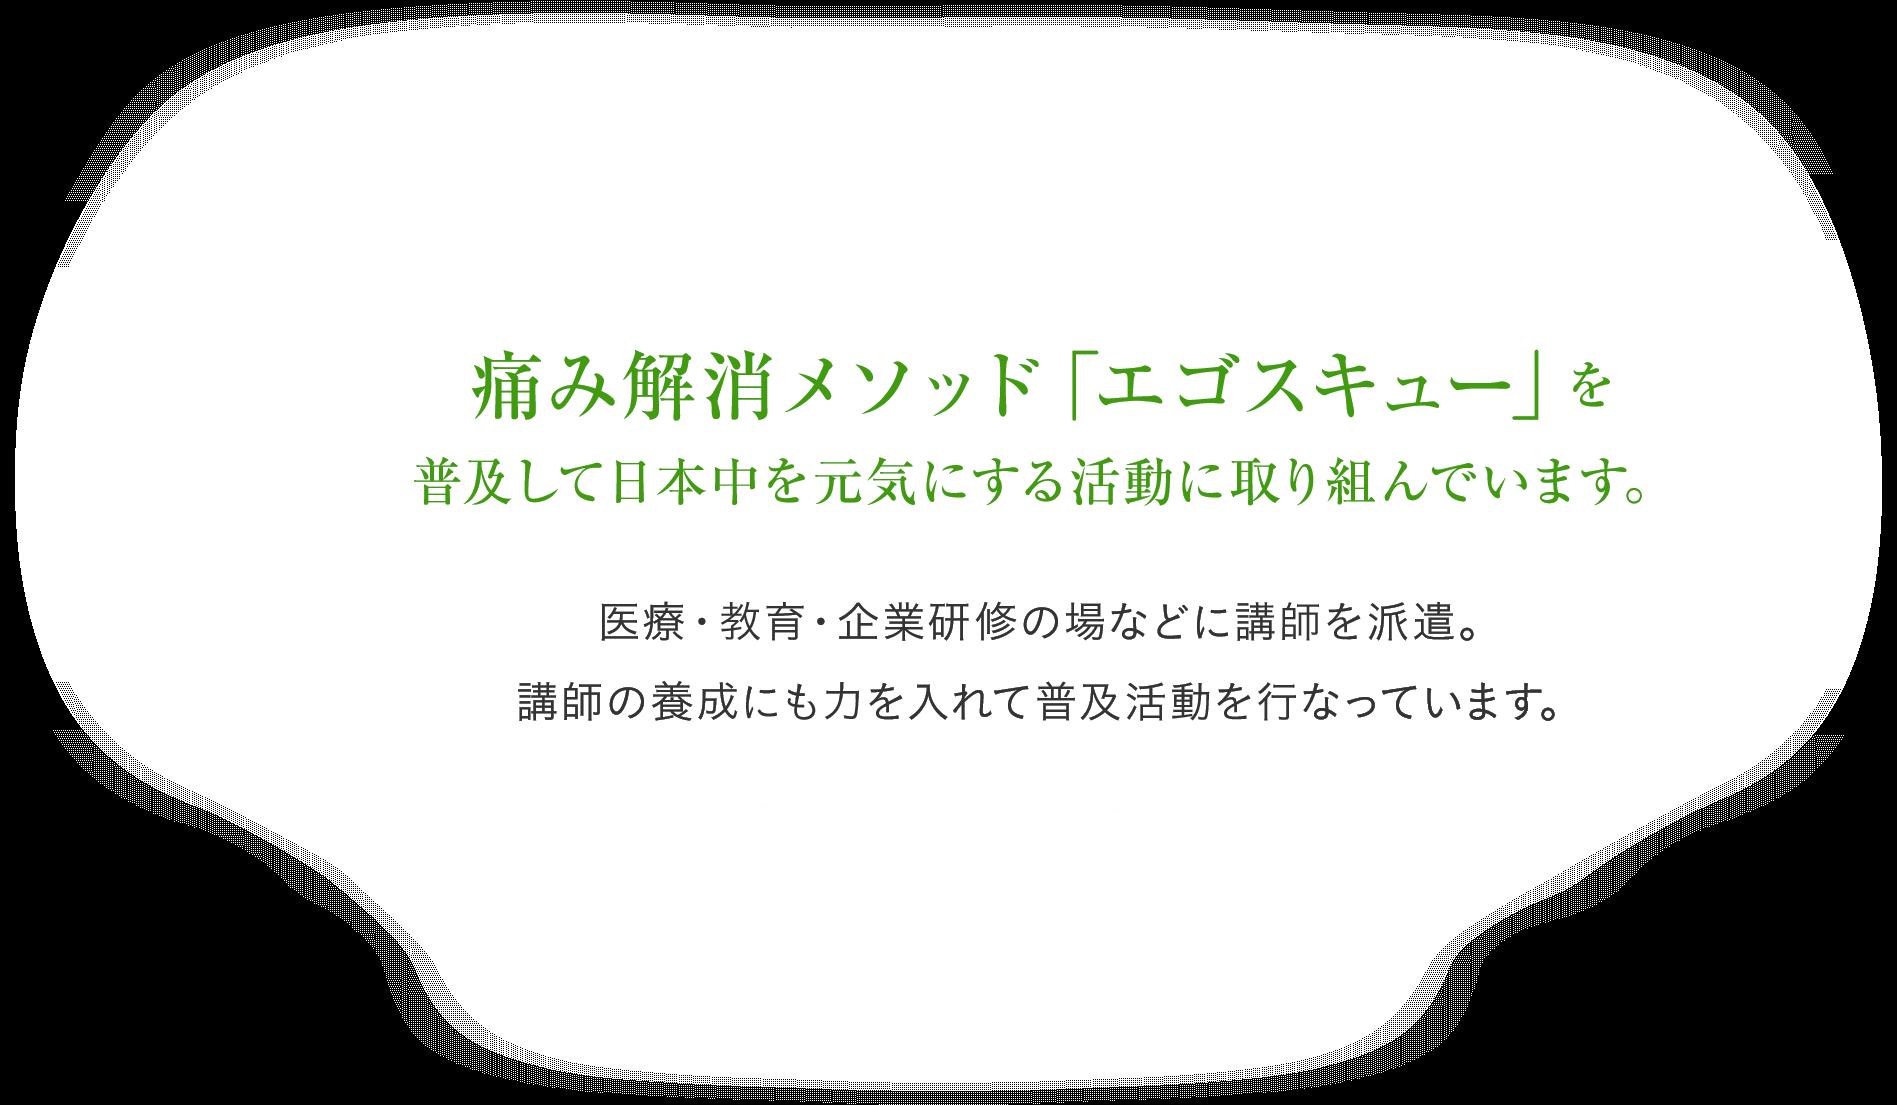 痛み解消メソッド「エゴスキュー」を 普及して日本中を元気にする活動に取り組んでいます。医療・教育・企業研修の場などに講師を派遣。 講師の養成にも力を入れて普及活動を行なっています。